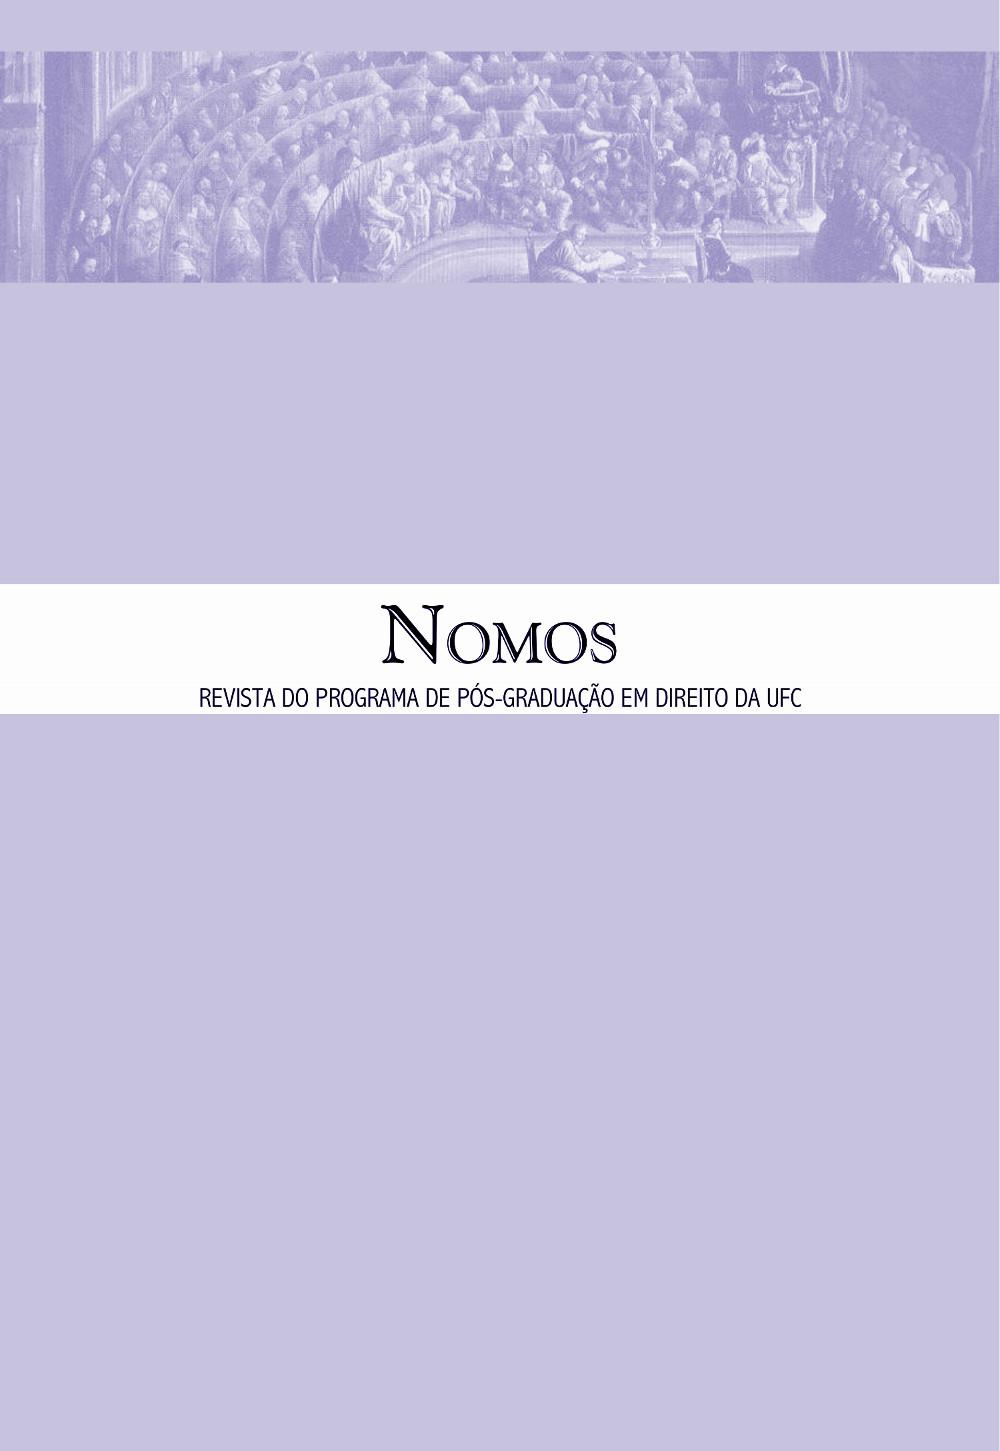 Nomos, volume 36, número 1, janeiro a junho de 2016